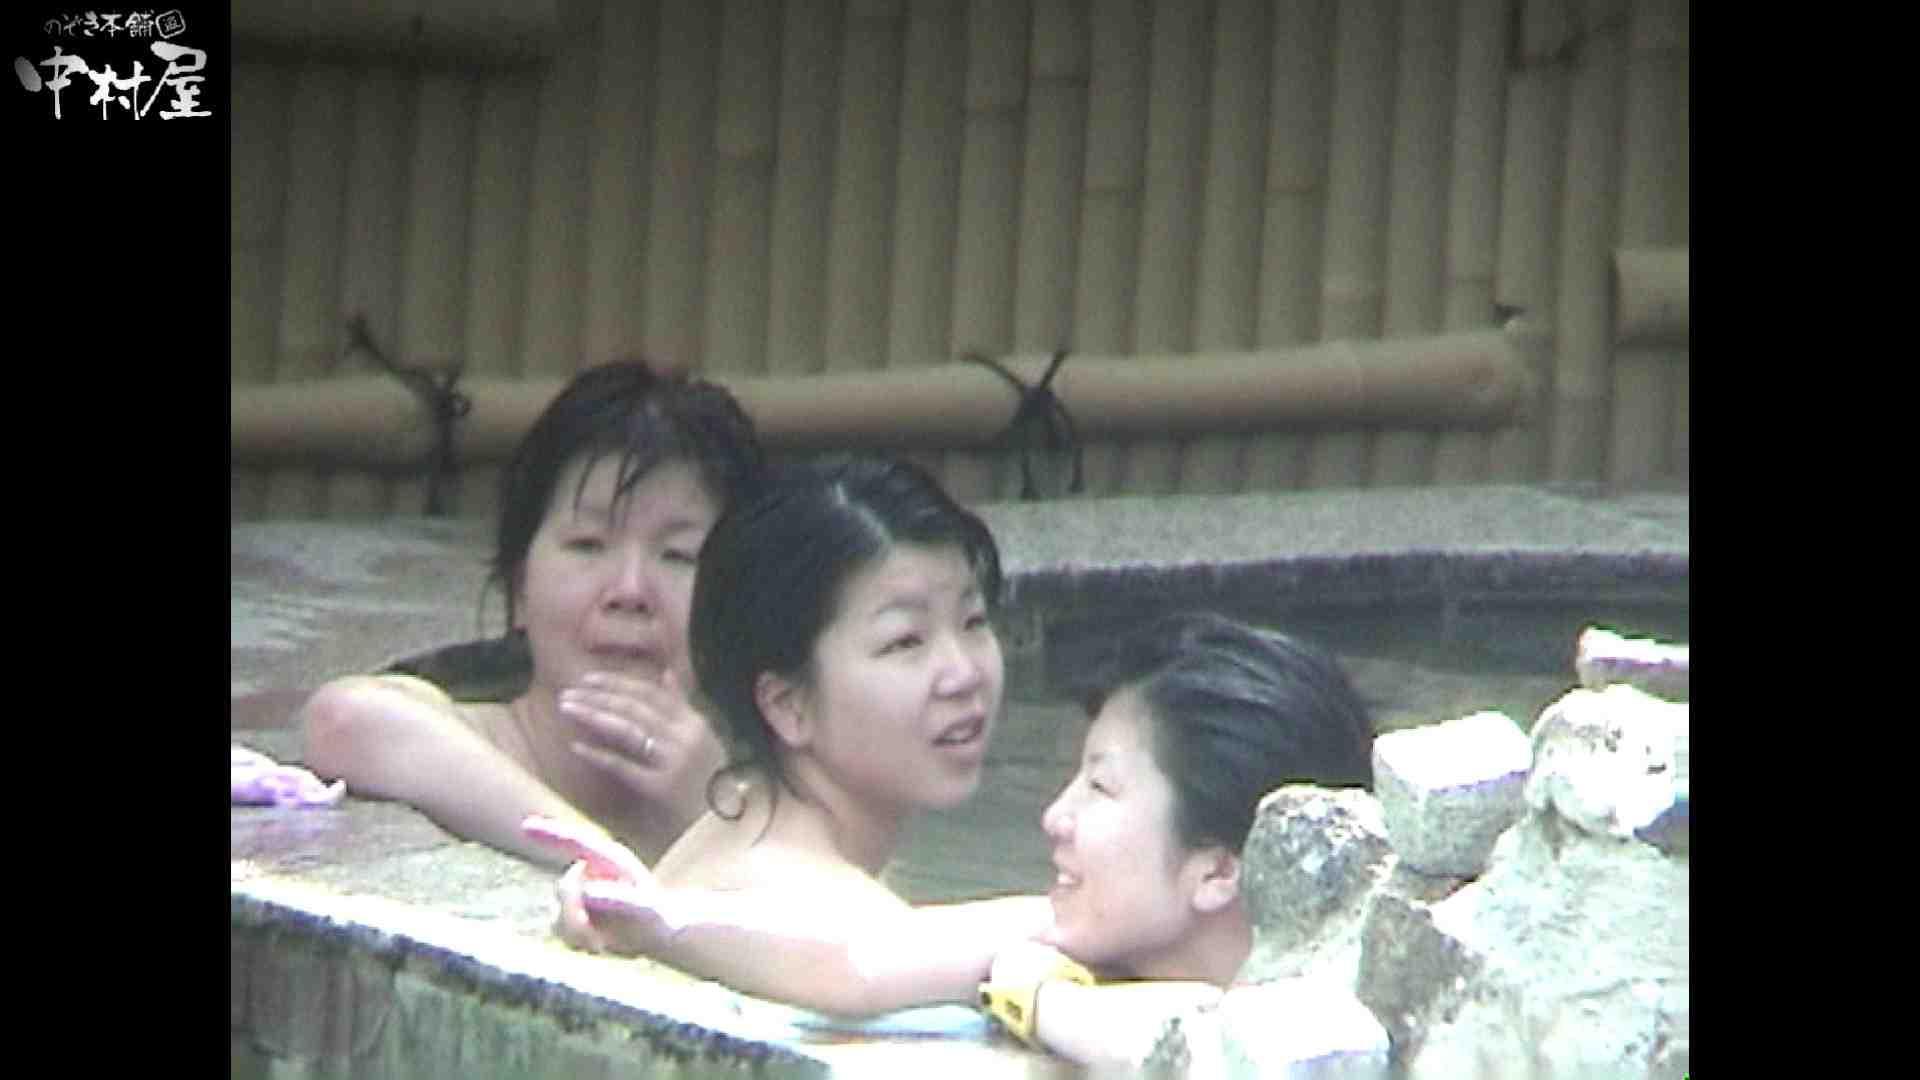 Aquaな露天風呂Vol.936 盗撮 | 露天  75画像 34